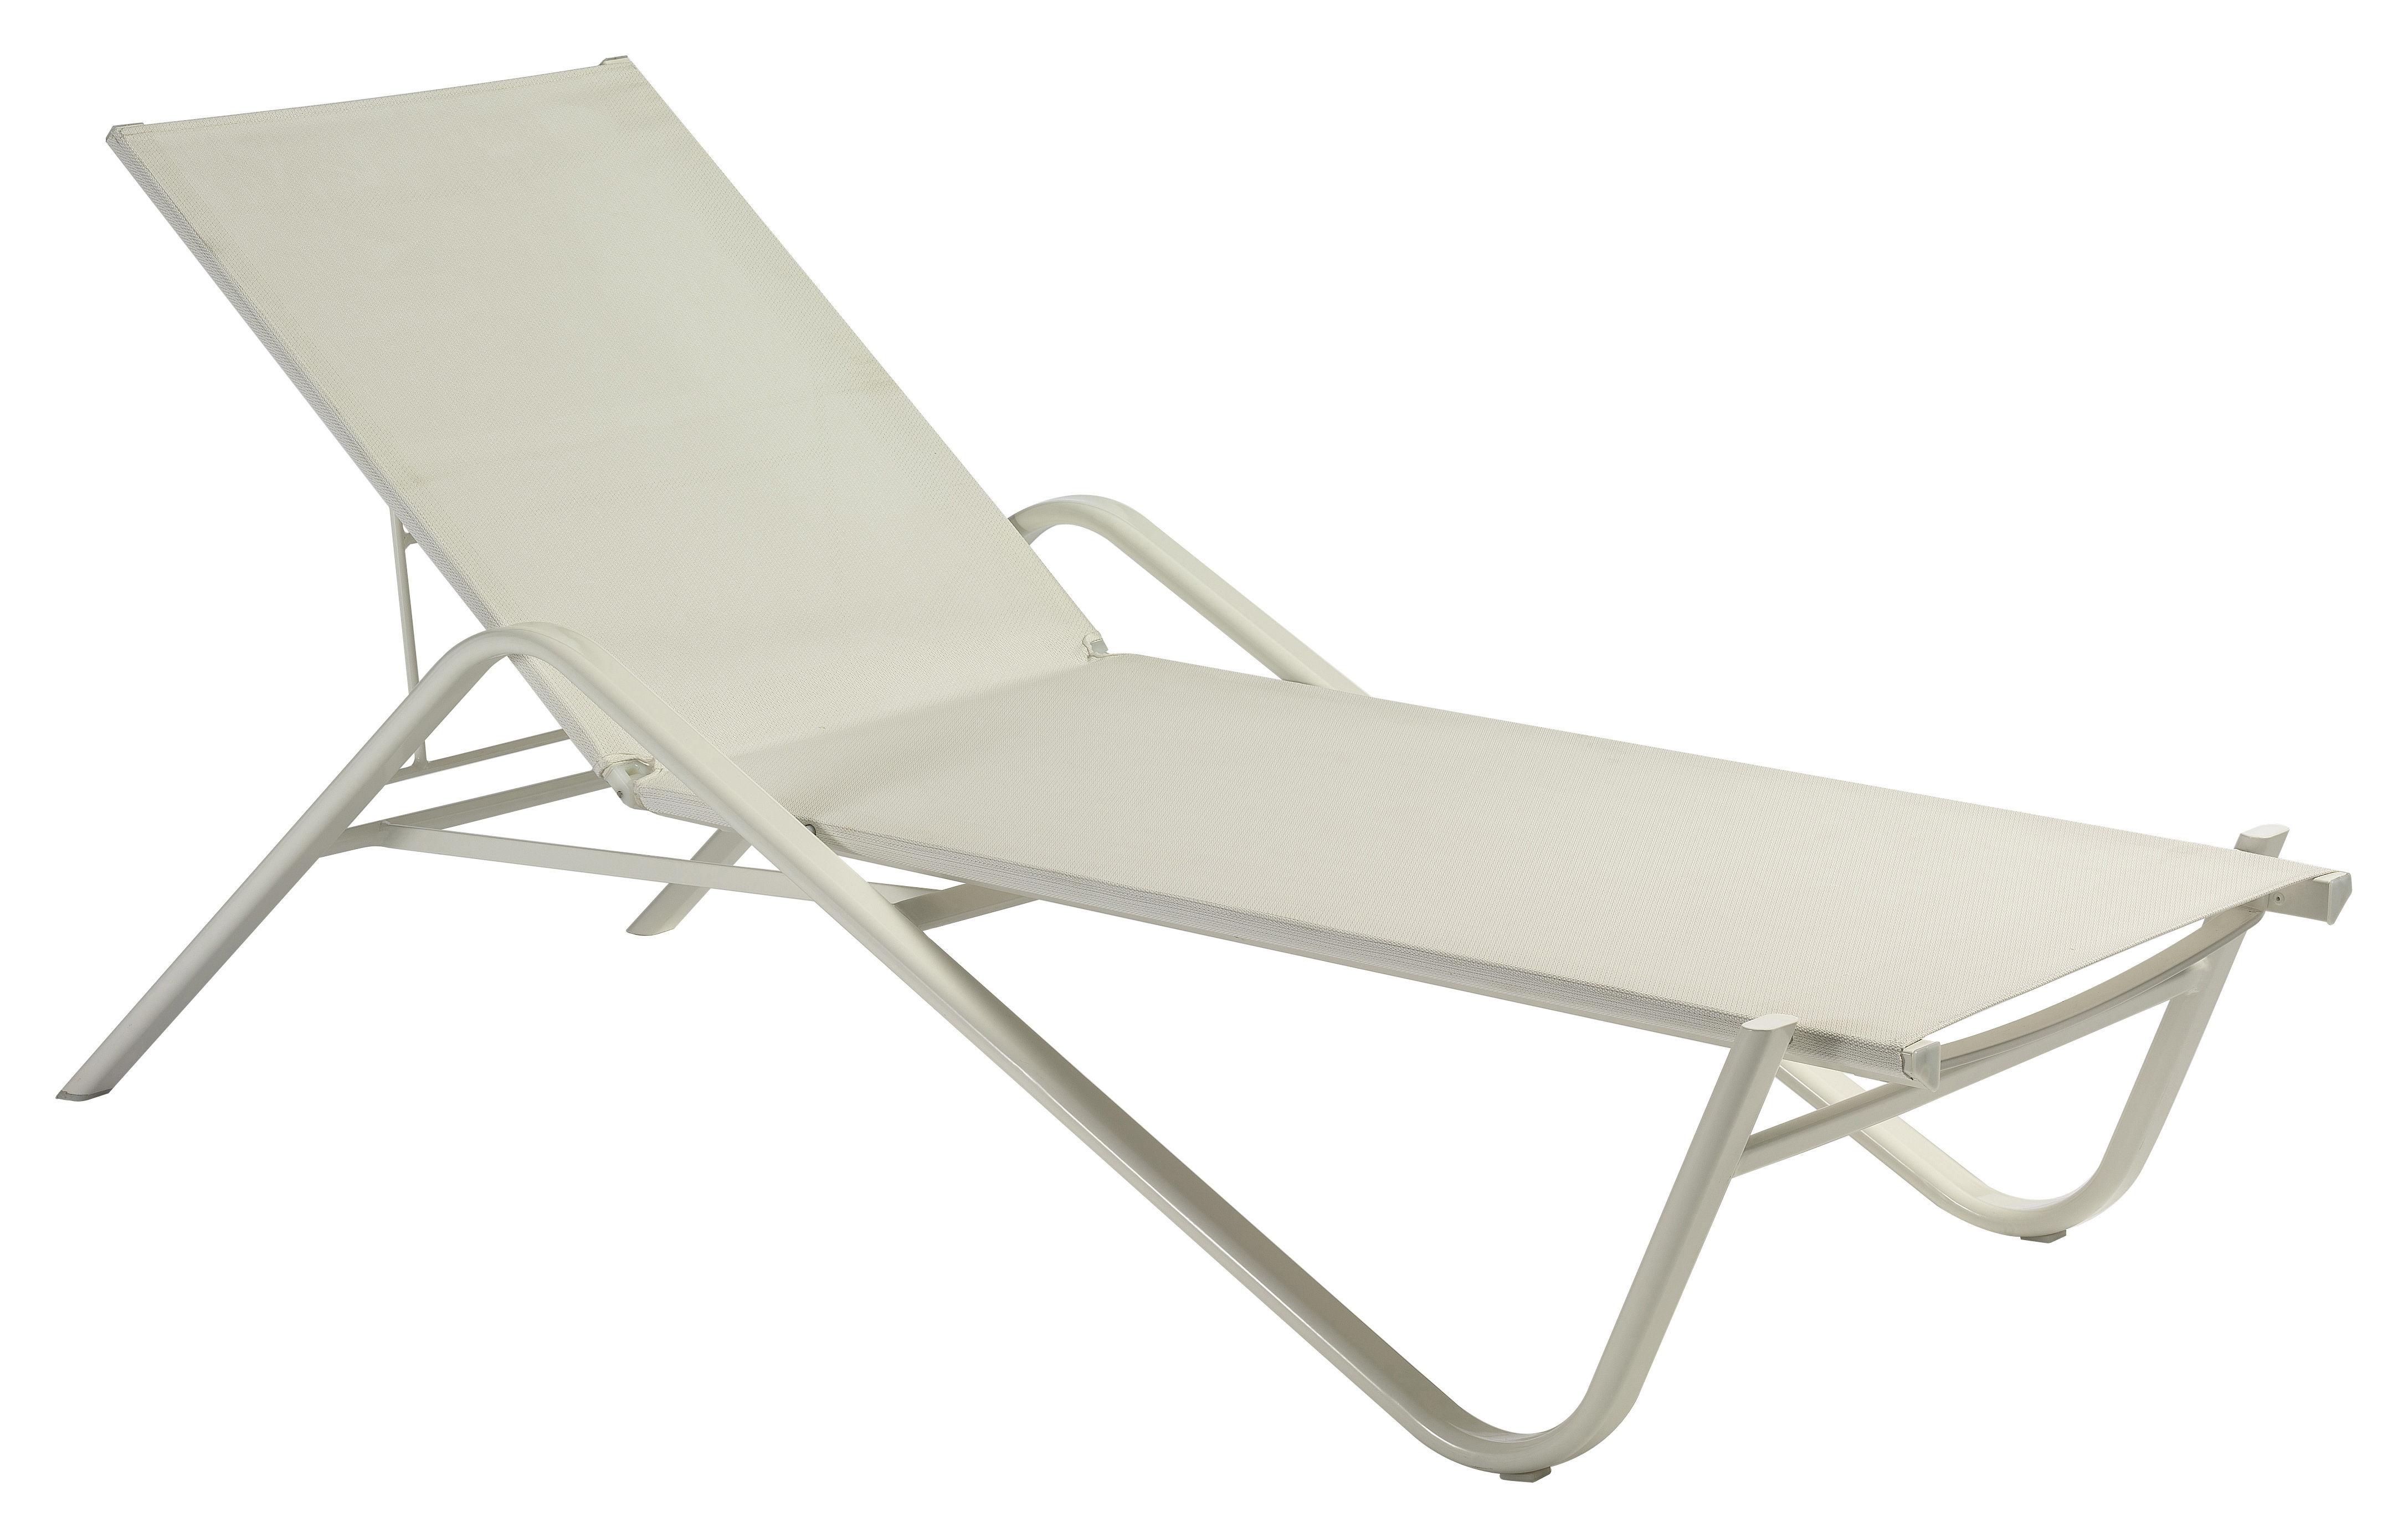 Outdoor - Chaises longues et hamacs - Bain de soleil Holly - Emu - Toile blanche / Structure blanche - Aluminium, Toile